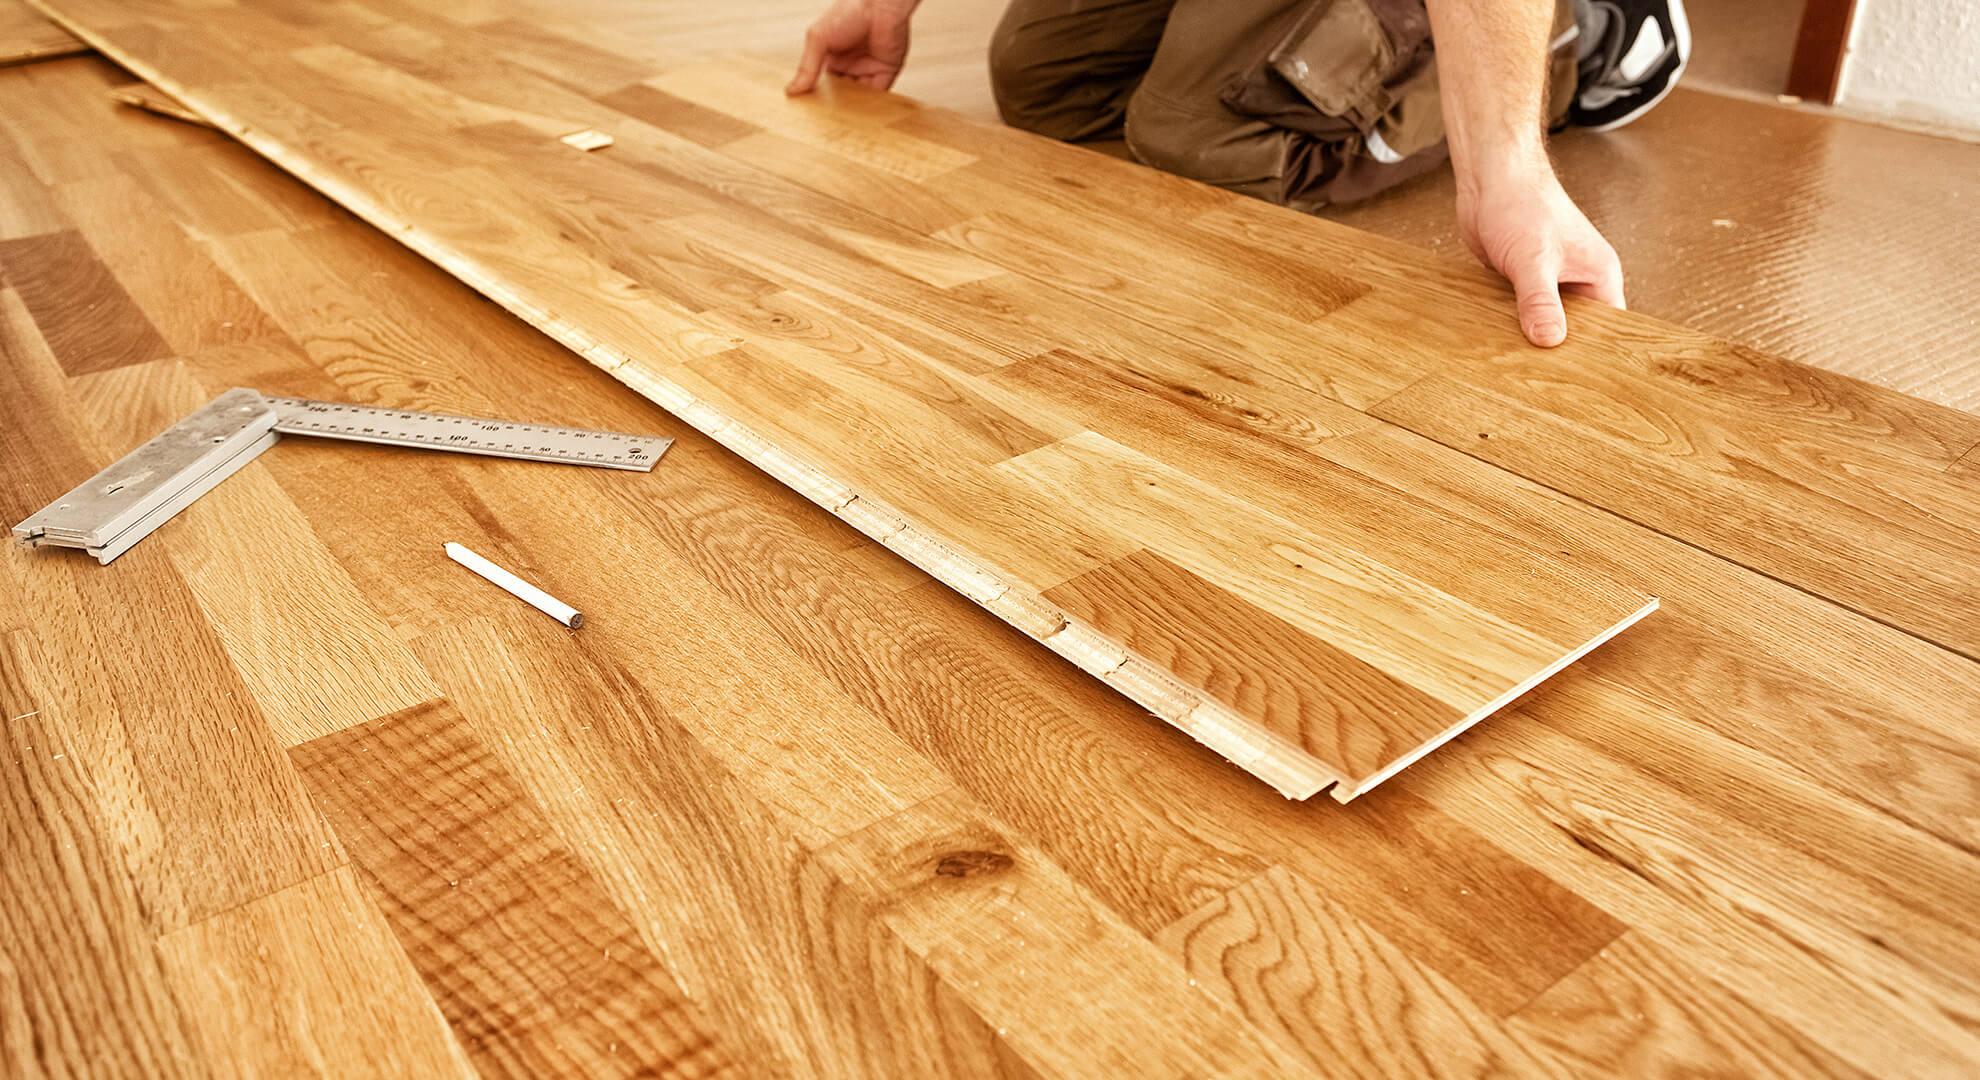 hagedorn & partner gmbh | Umbau | Sanierung Parkettboden | Koordination